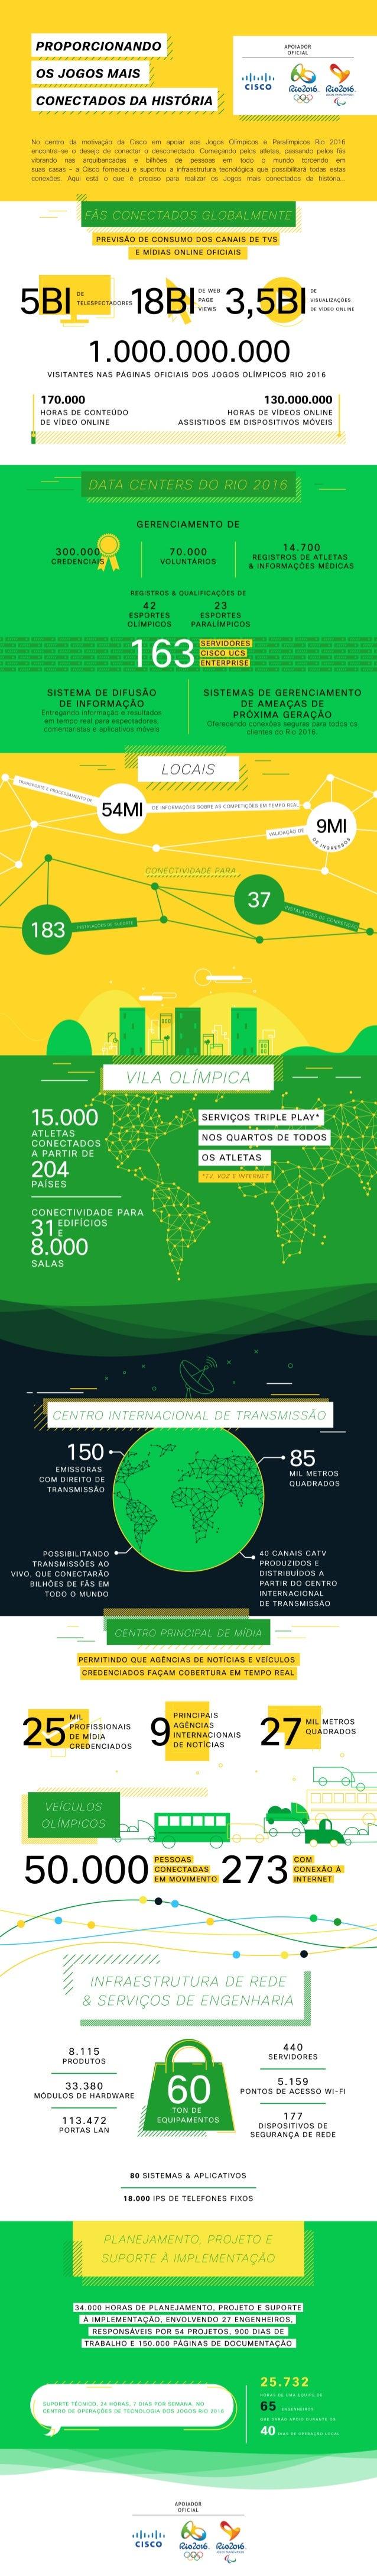 Rio 2016 em Números - Cisco